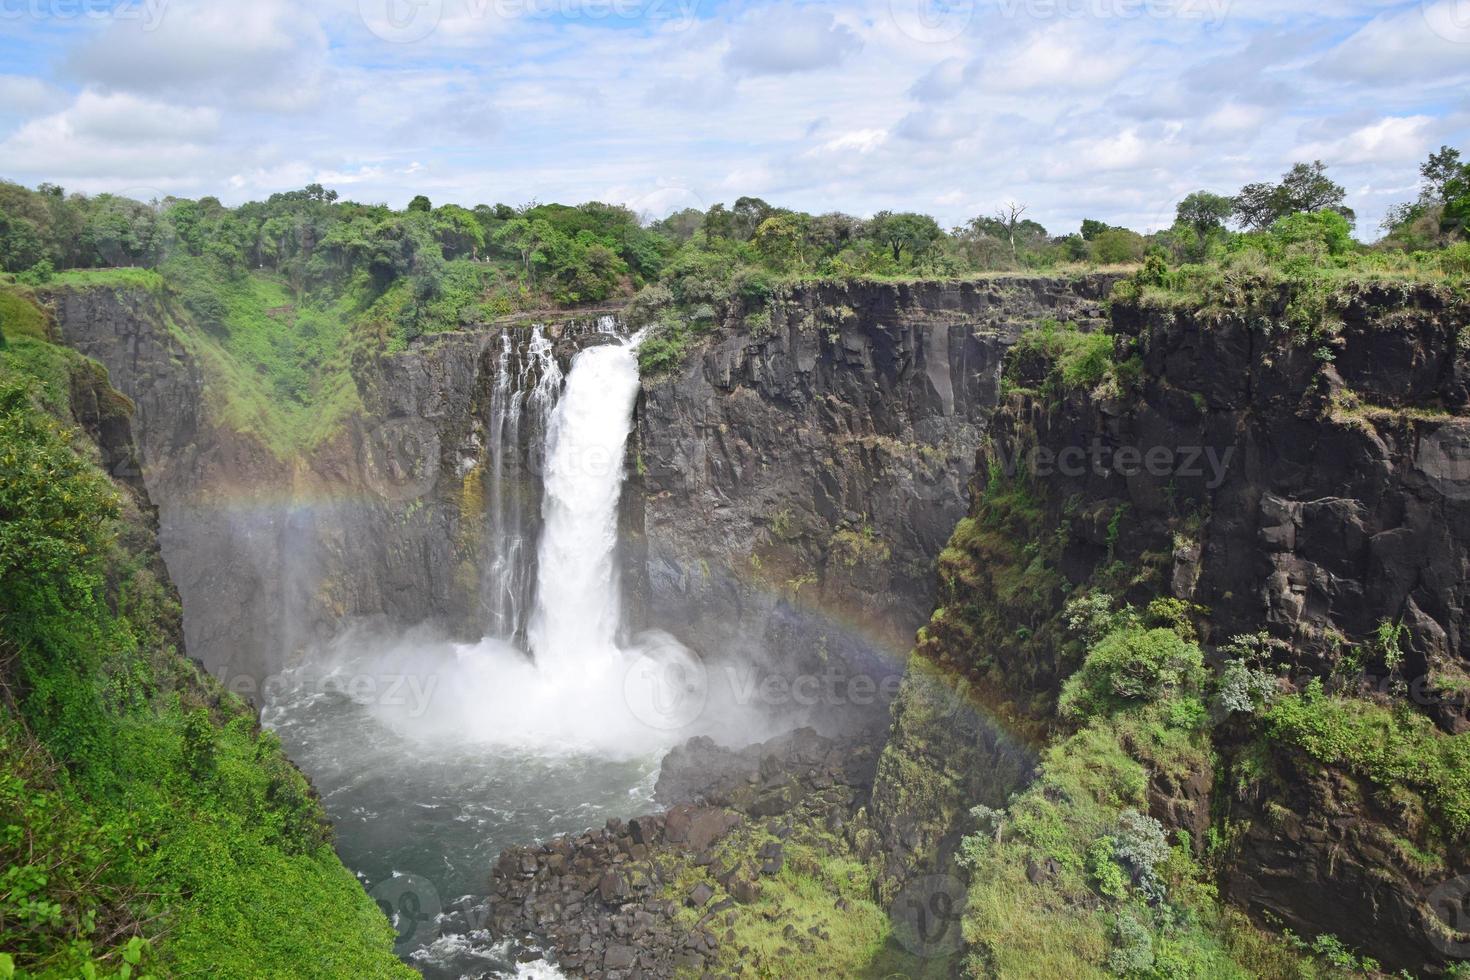 Arc-en-ciel et cataracte du diable (Devil's Falls), Victoria Falls, Zimbabwe photo